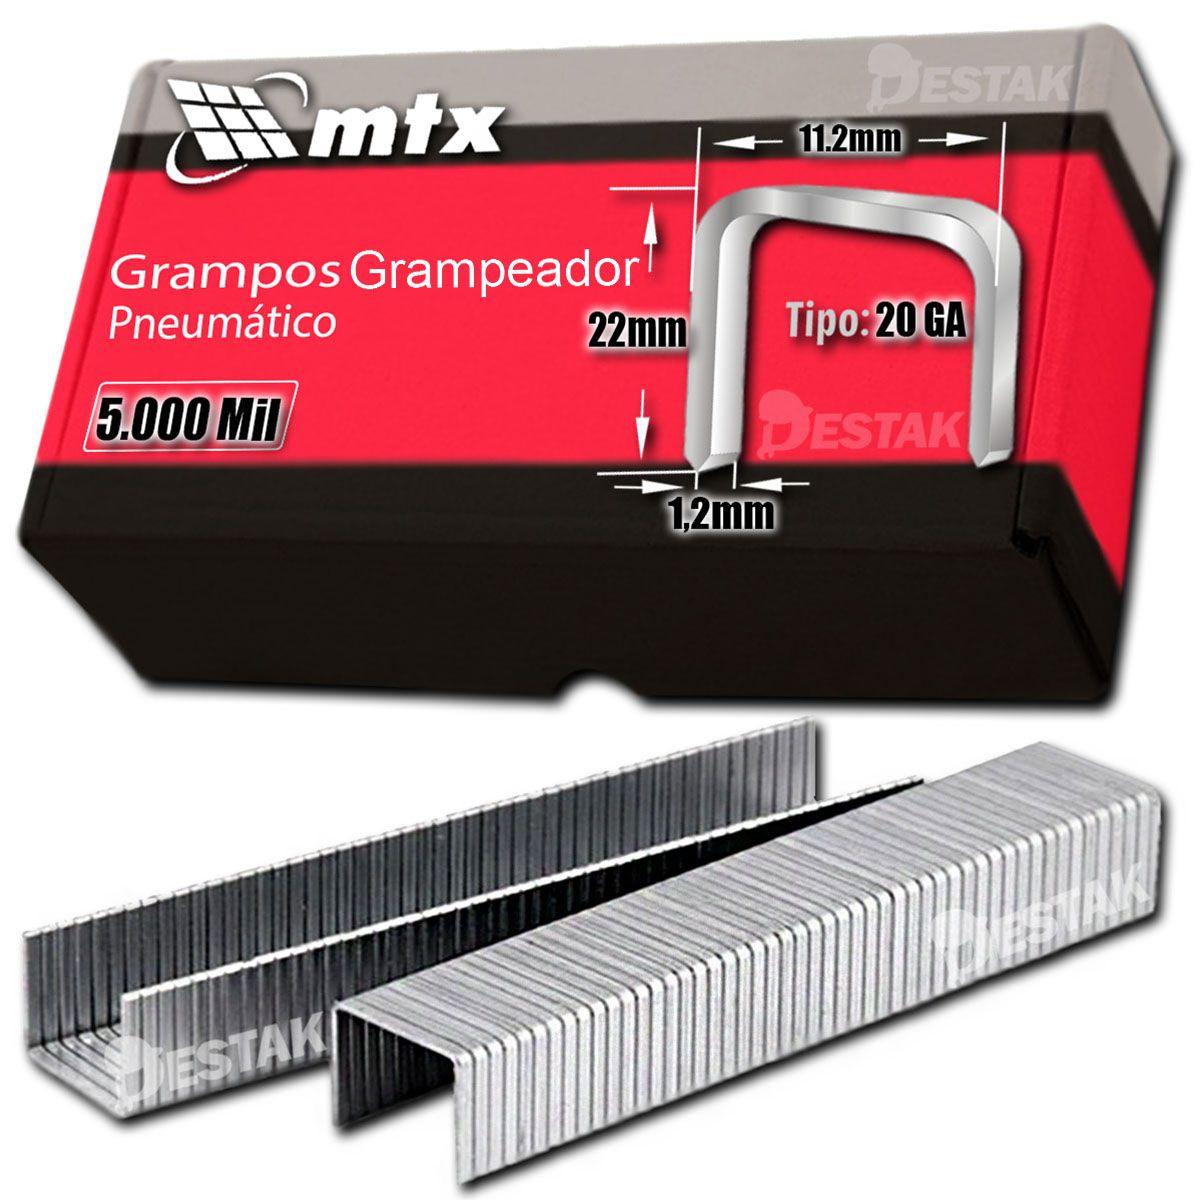 Grampo Para Grampeador 22mm Aço Carbono 5.000 Unidades Mtx